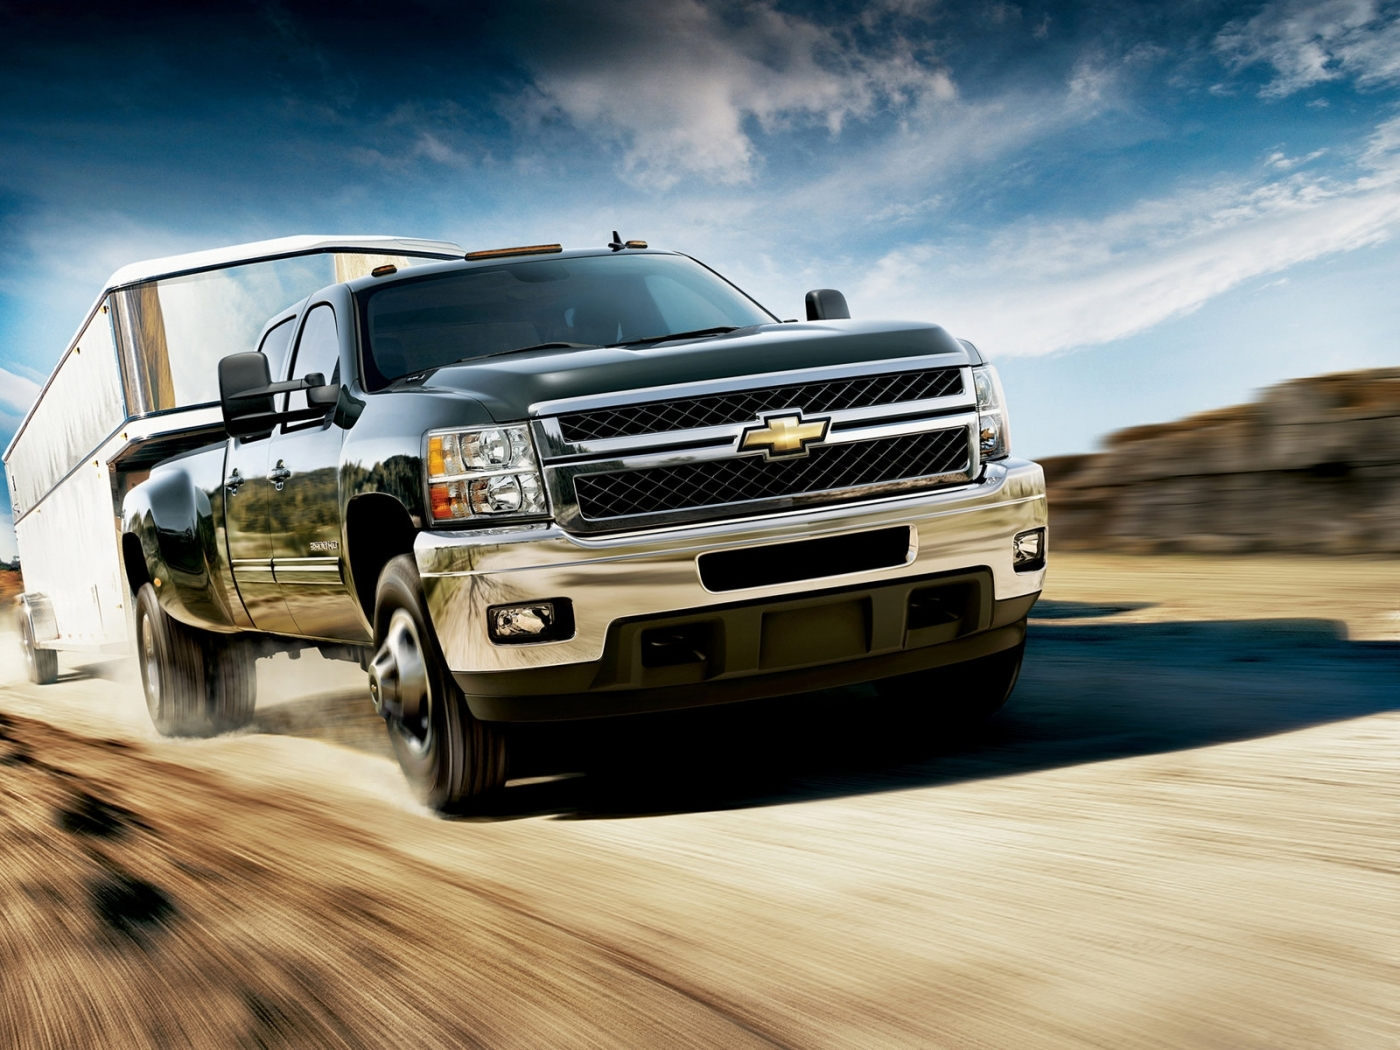 47024 скачать обои Транспорт, Машины, Шевроле (Chevrolet) - заставки и картинки бесплатно